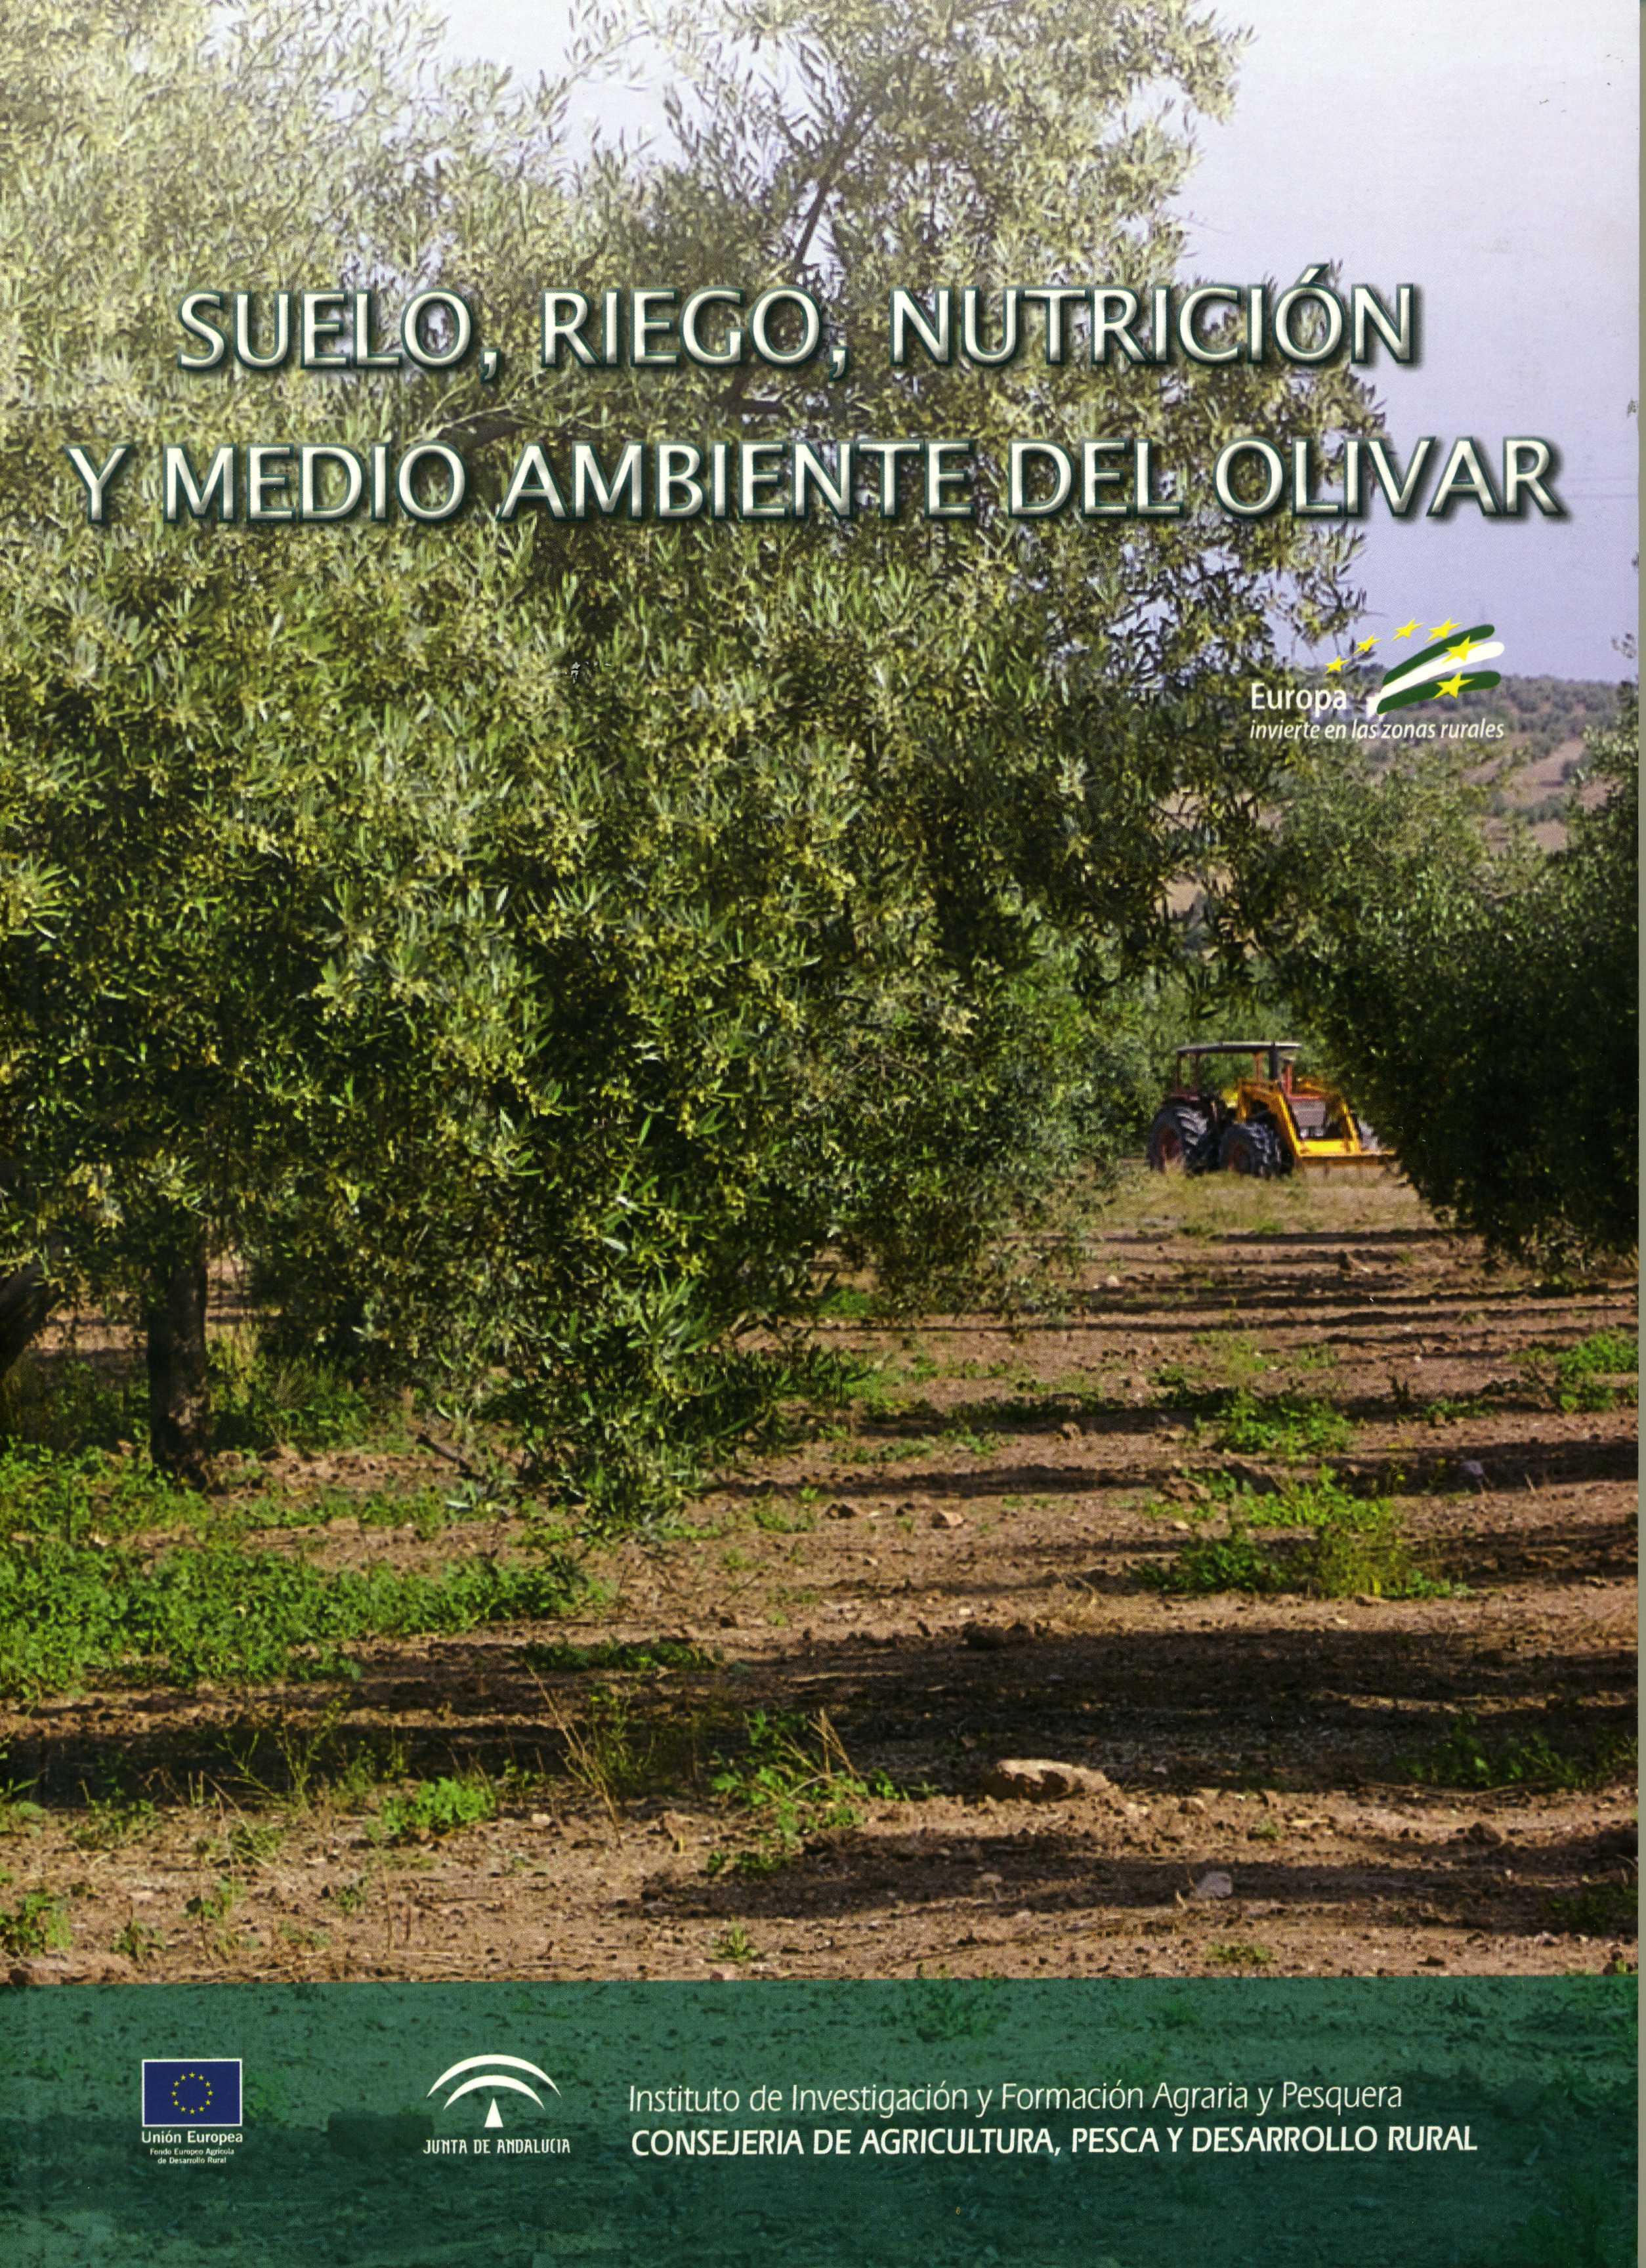 Suelo riego y nutricion olivar 2017.jpg